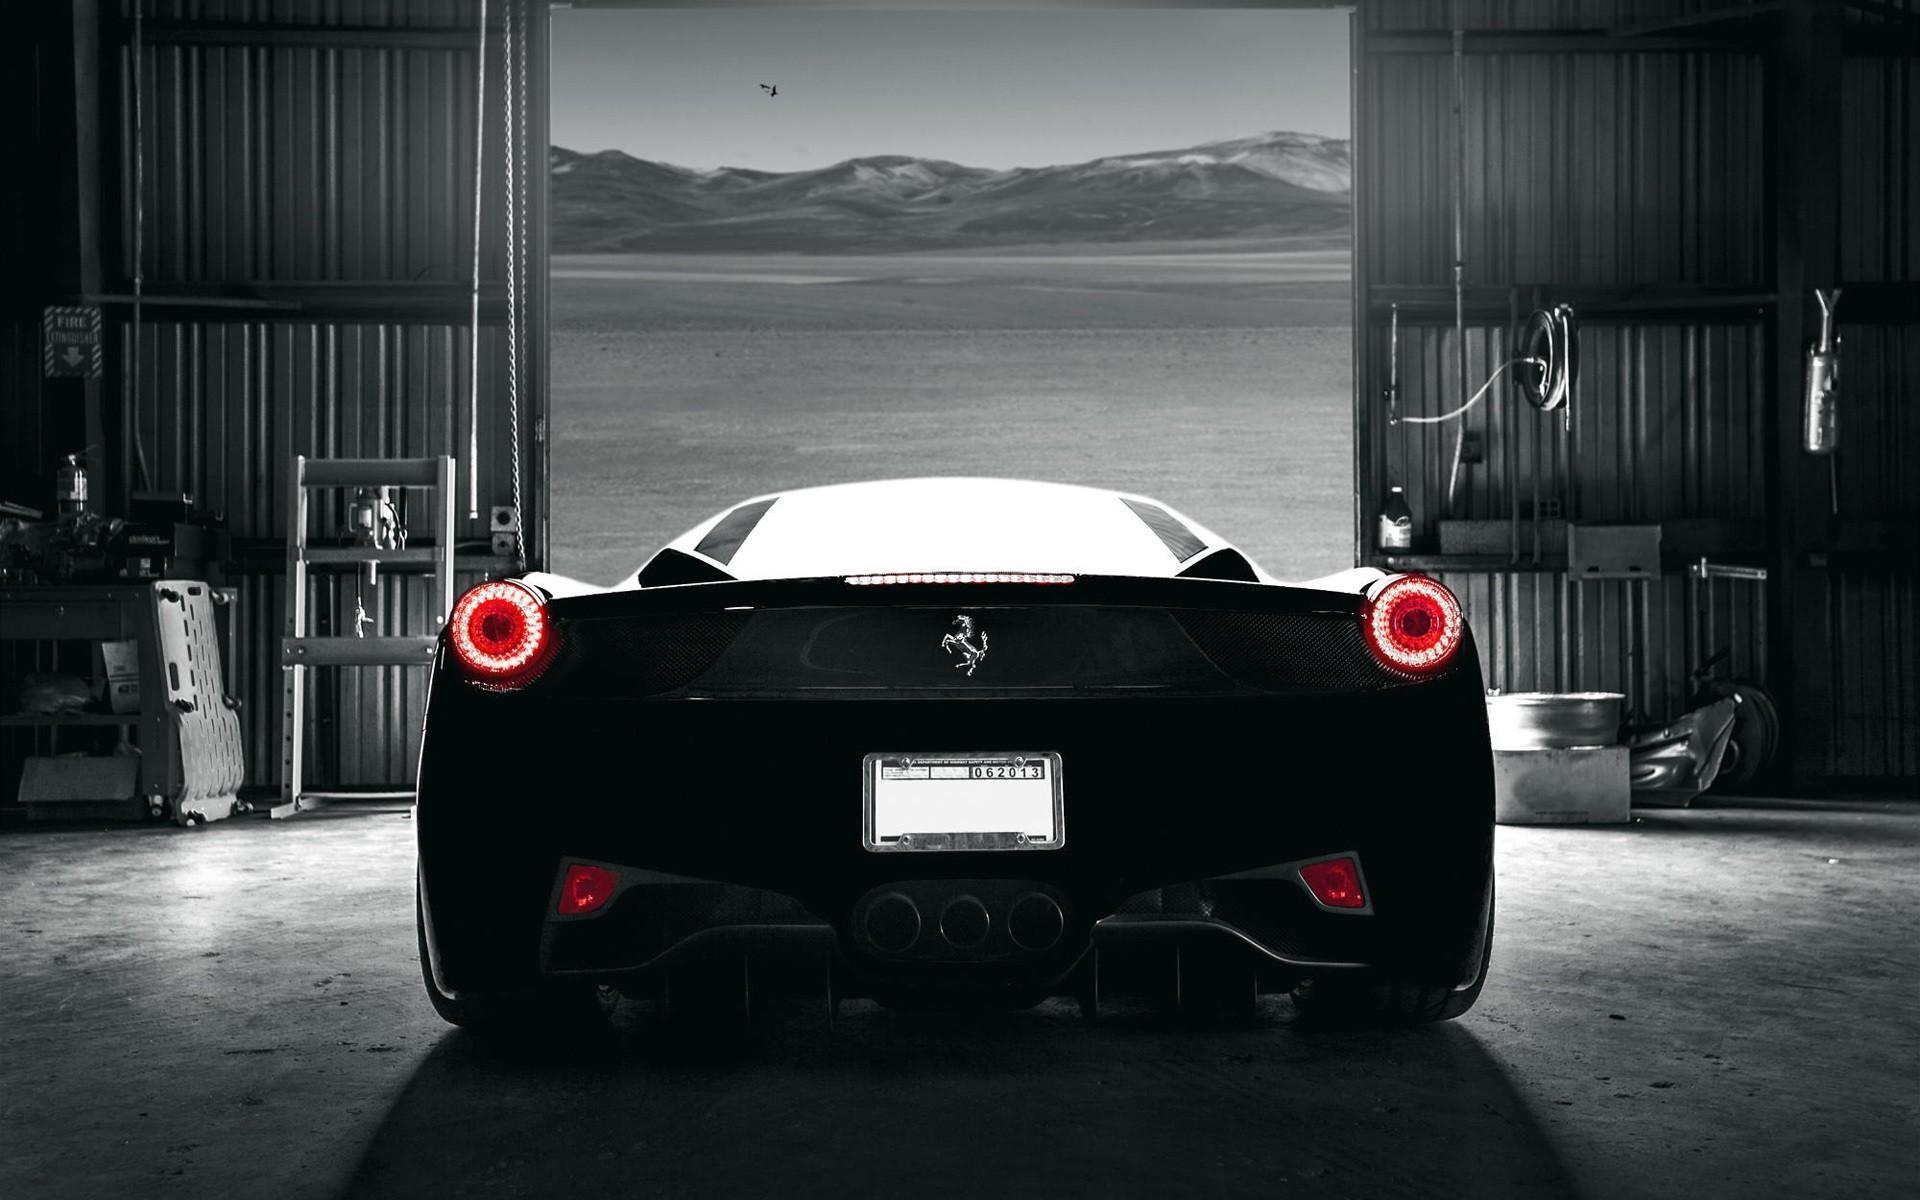 Ferrari 458 Italia Wallpapers 77 Pictures